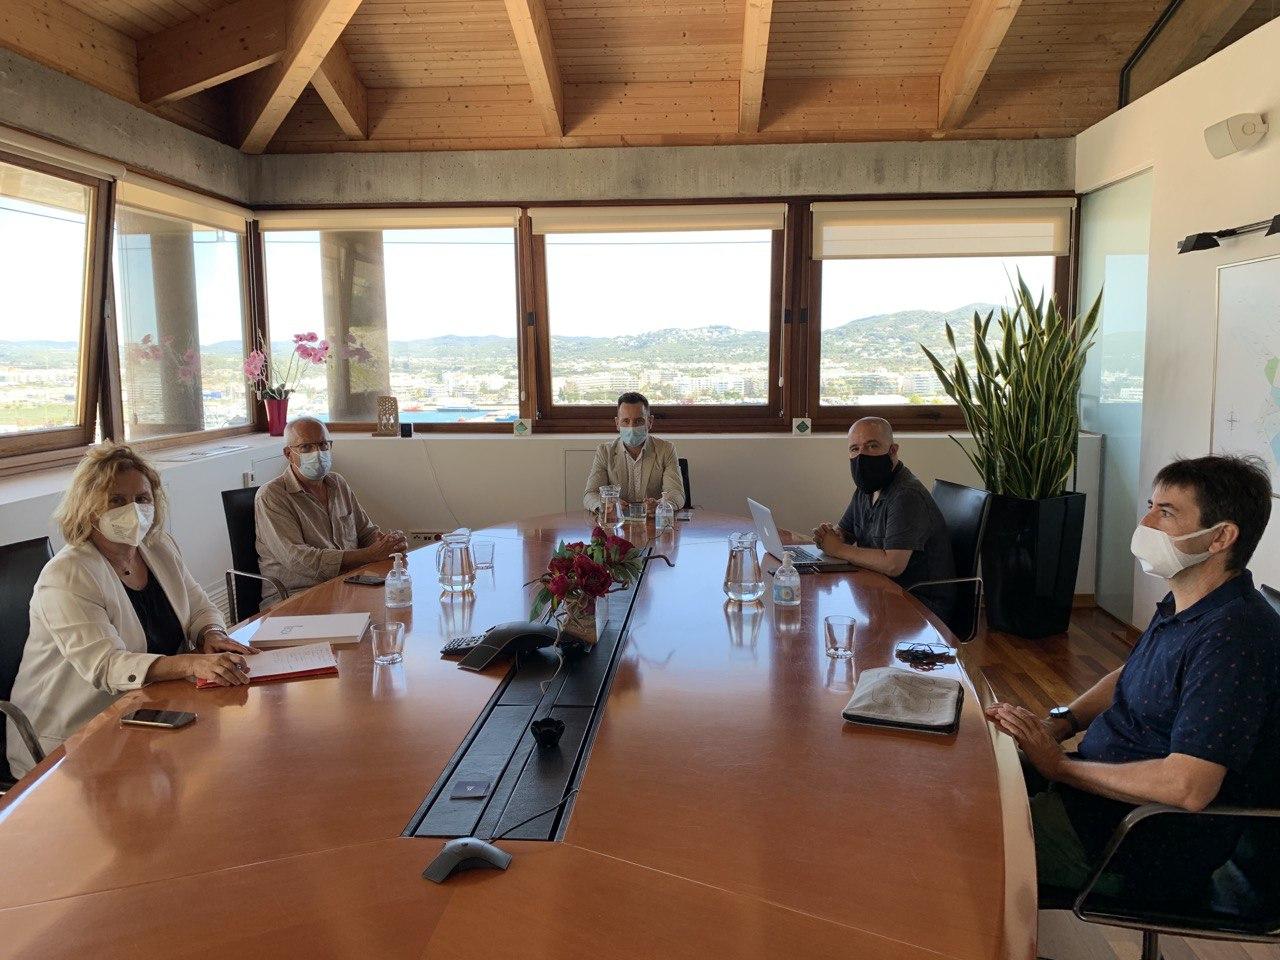 Jornada de treball entre Dénia i Eivissa per a enfortir la col·laboració en l'àmbit turí...